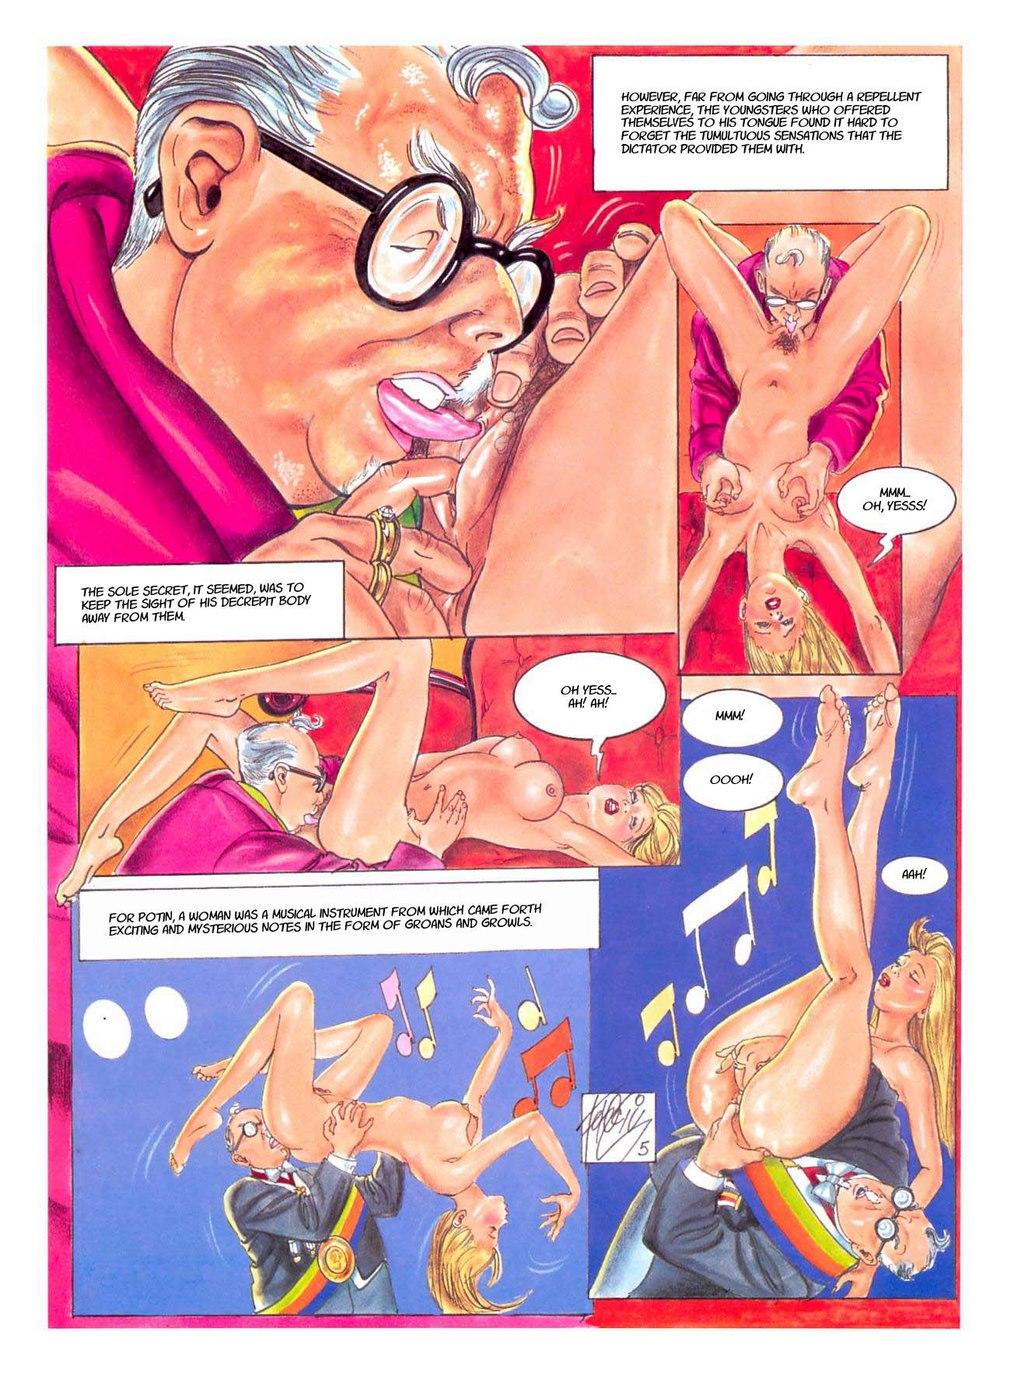 School Of Erotic Sciences- Ferocius